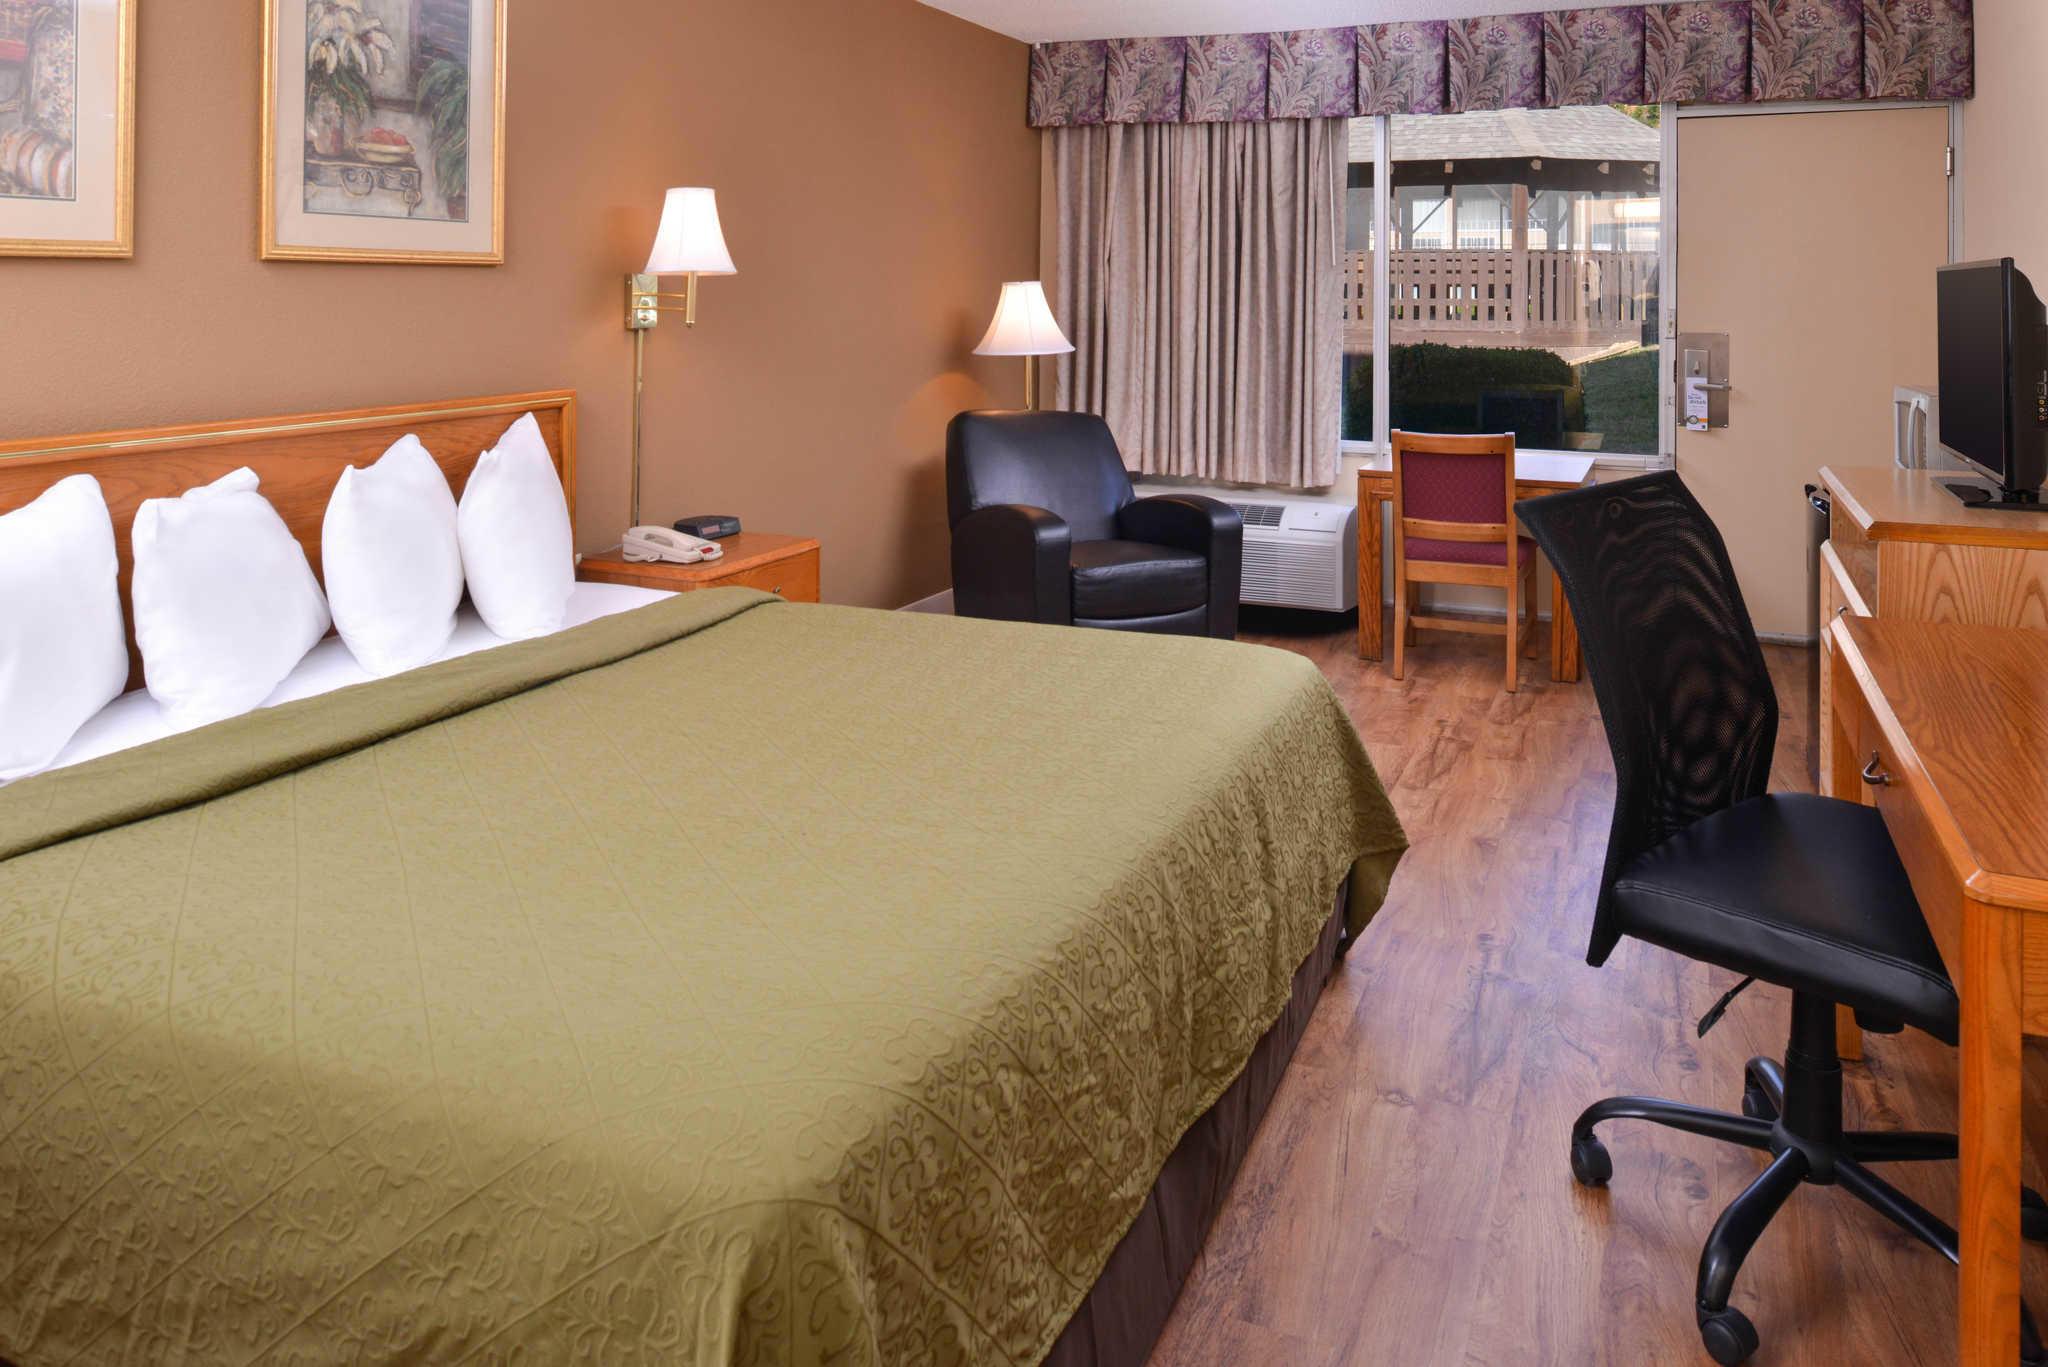 Quality Inn Dutch Inn image 19